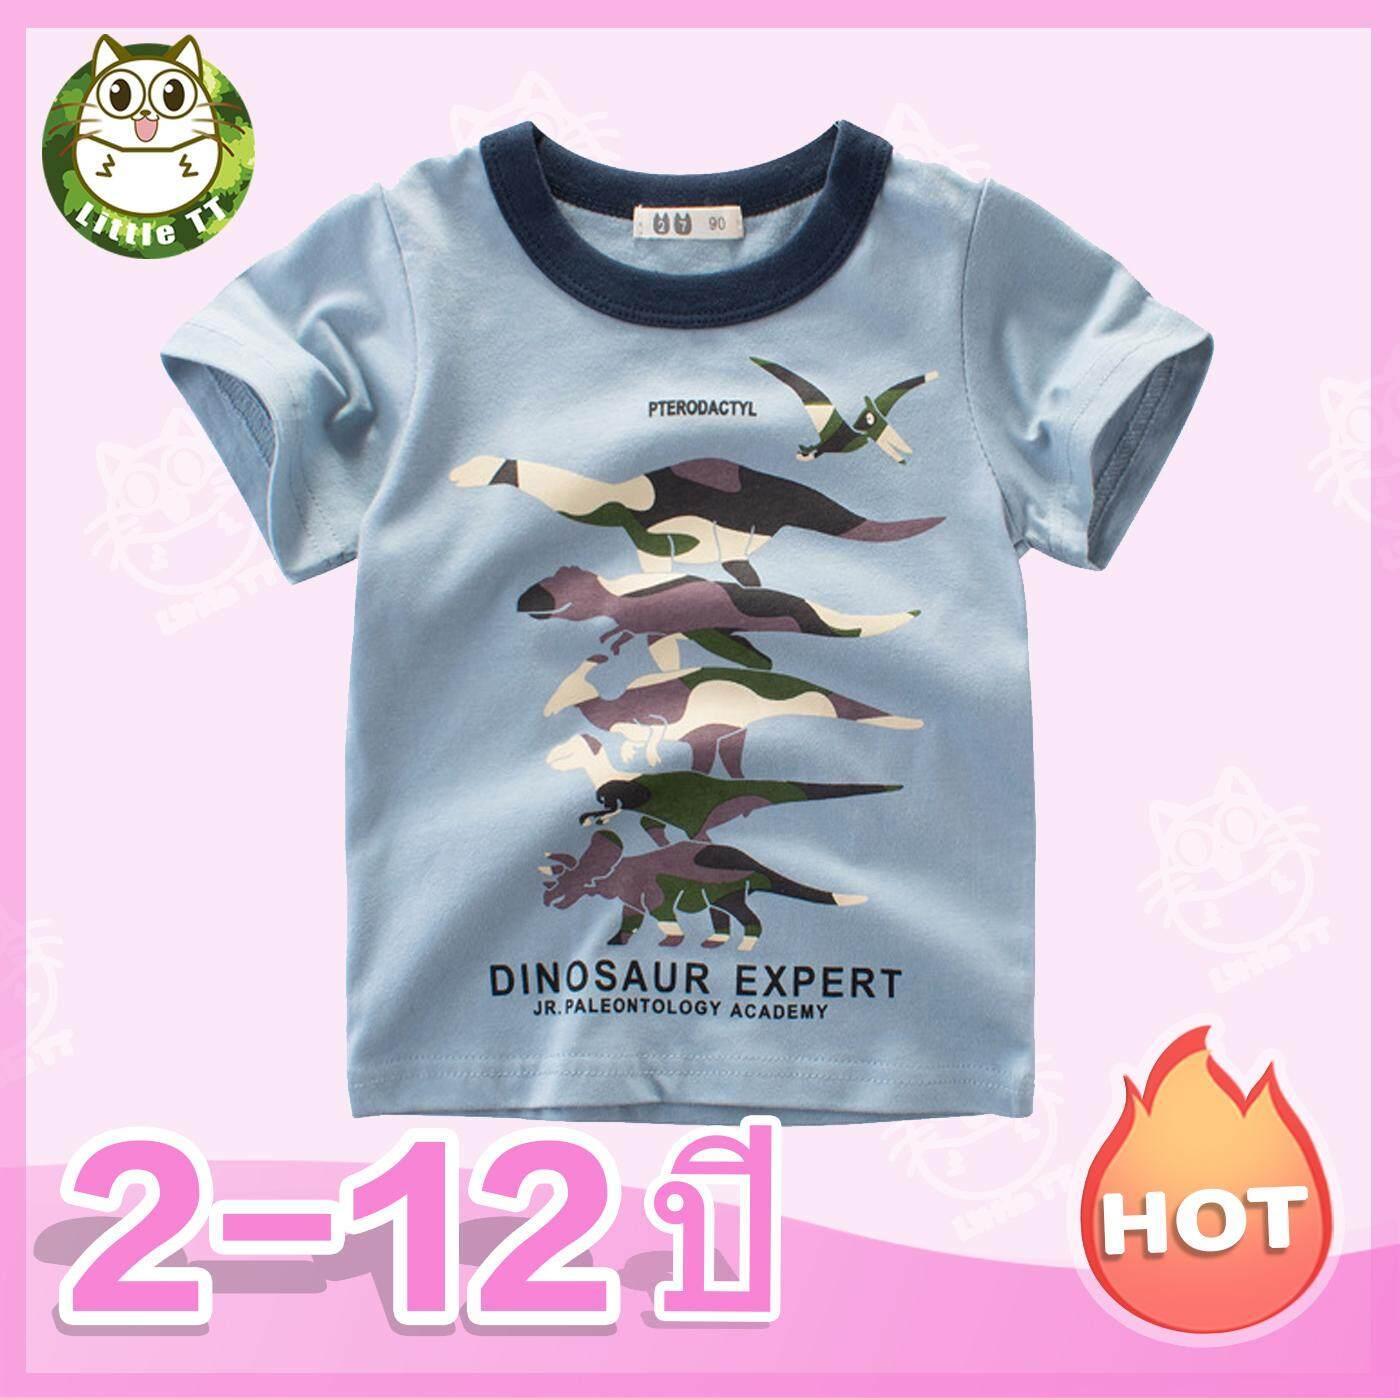 เสื้อผ้าเด็กในช่วงฤดูร้อนเสื้อผ้าการ์ตูนสาวไดโนเสาร์พรางสบาย ๆ แขนสั้นแฟชั่นระบายอากาศแขนสั้น 2 ~ 12 ปี